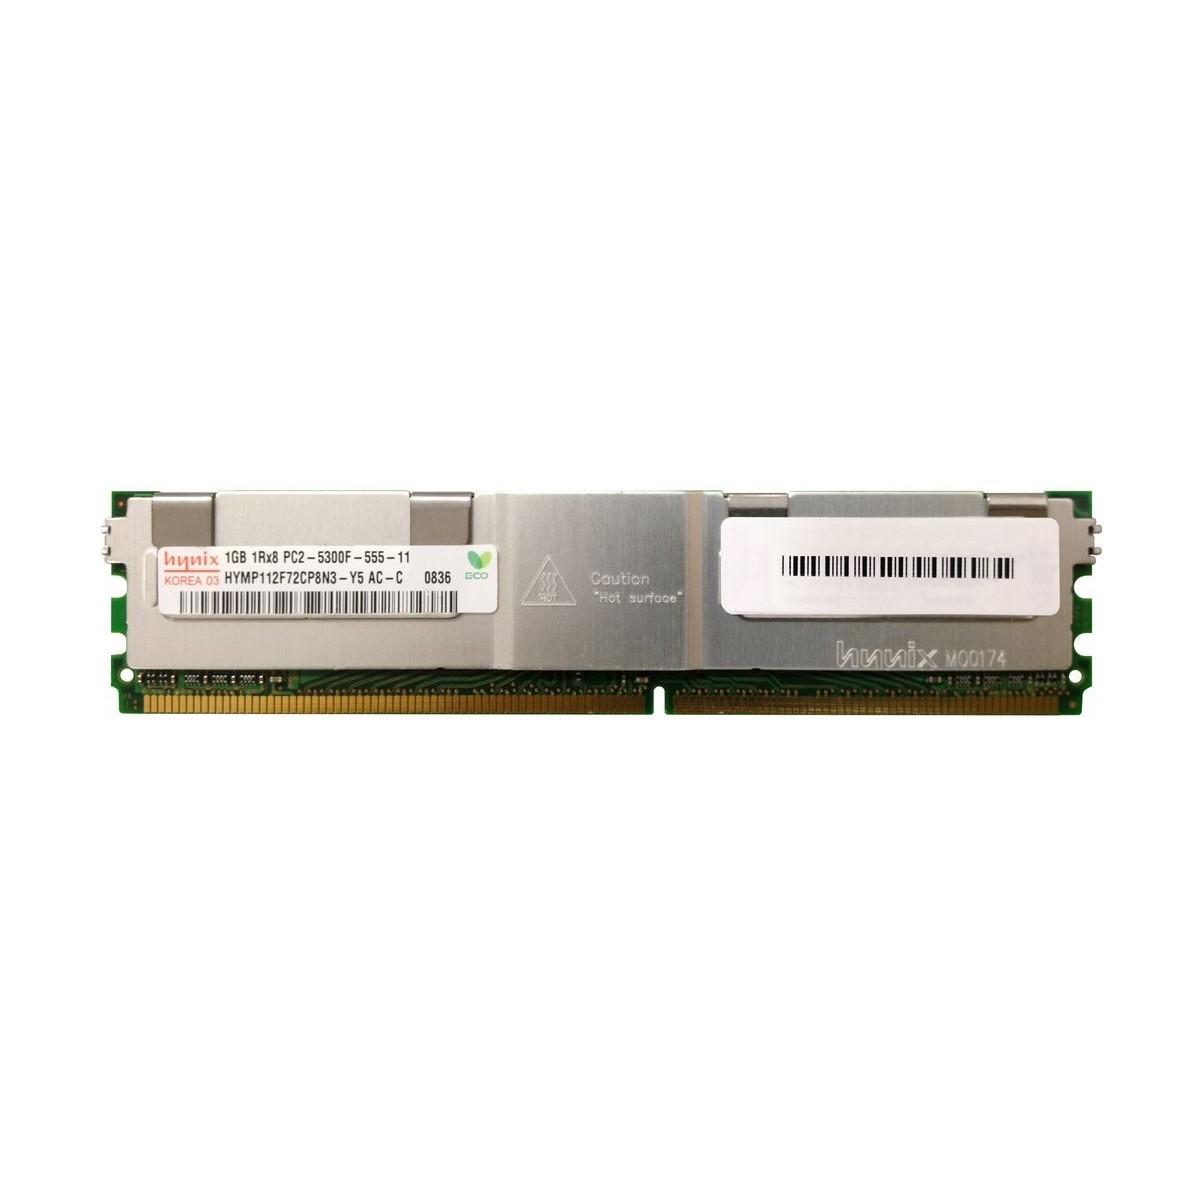 IBM ServeRAID M5110 1GB L3-25422-27E BATTERY